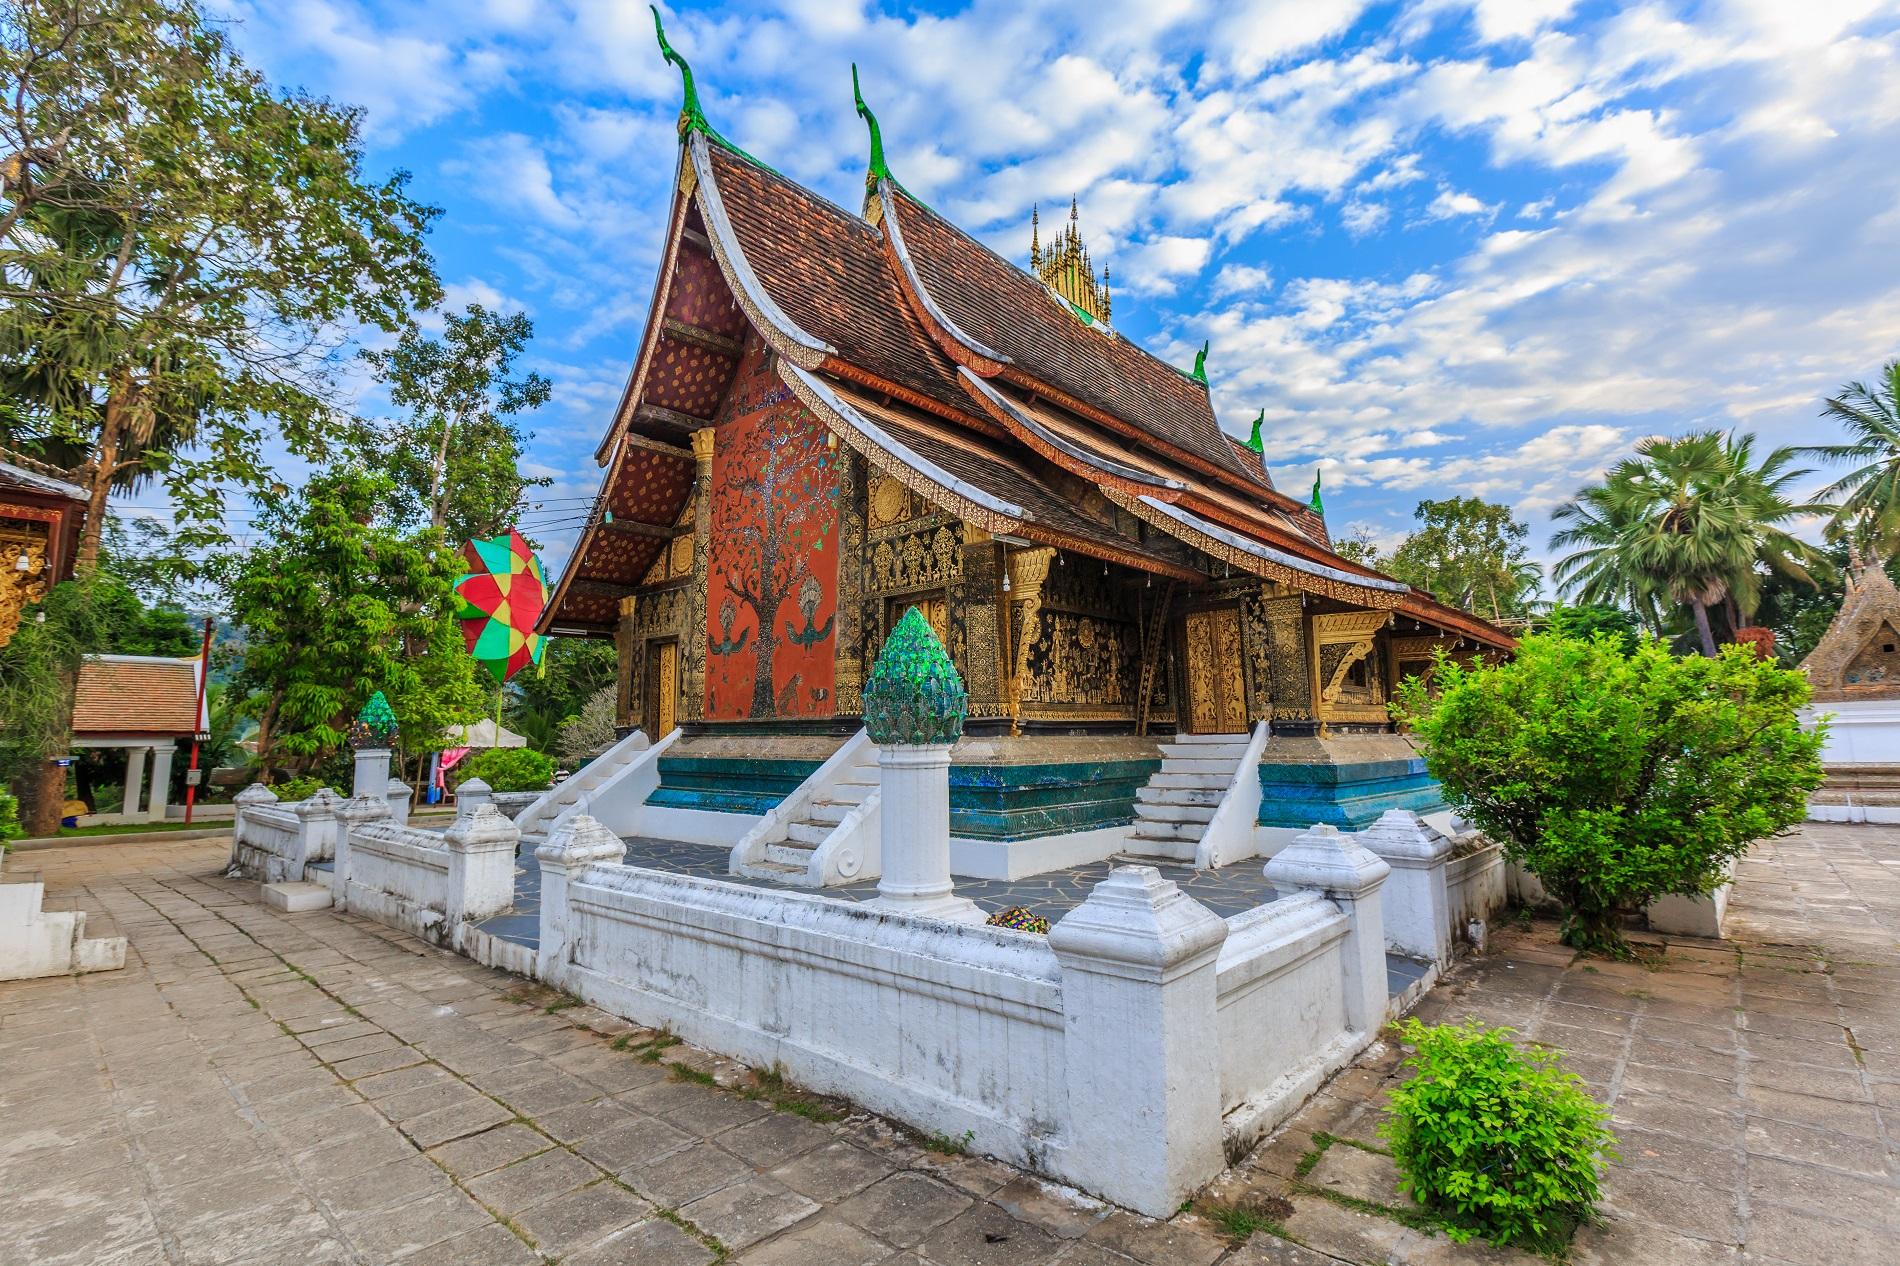 Viaggio in Laos: cosa vedere e quando andare